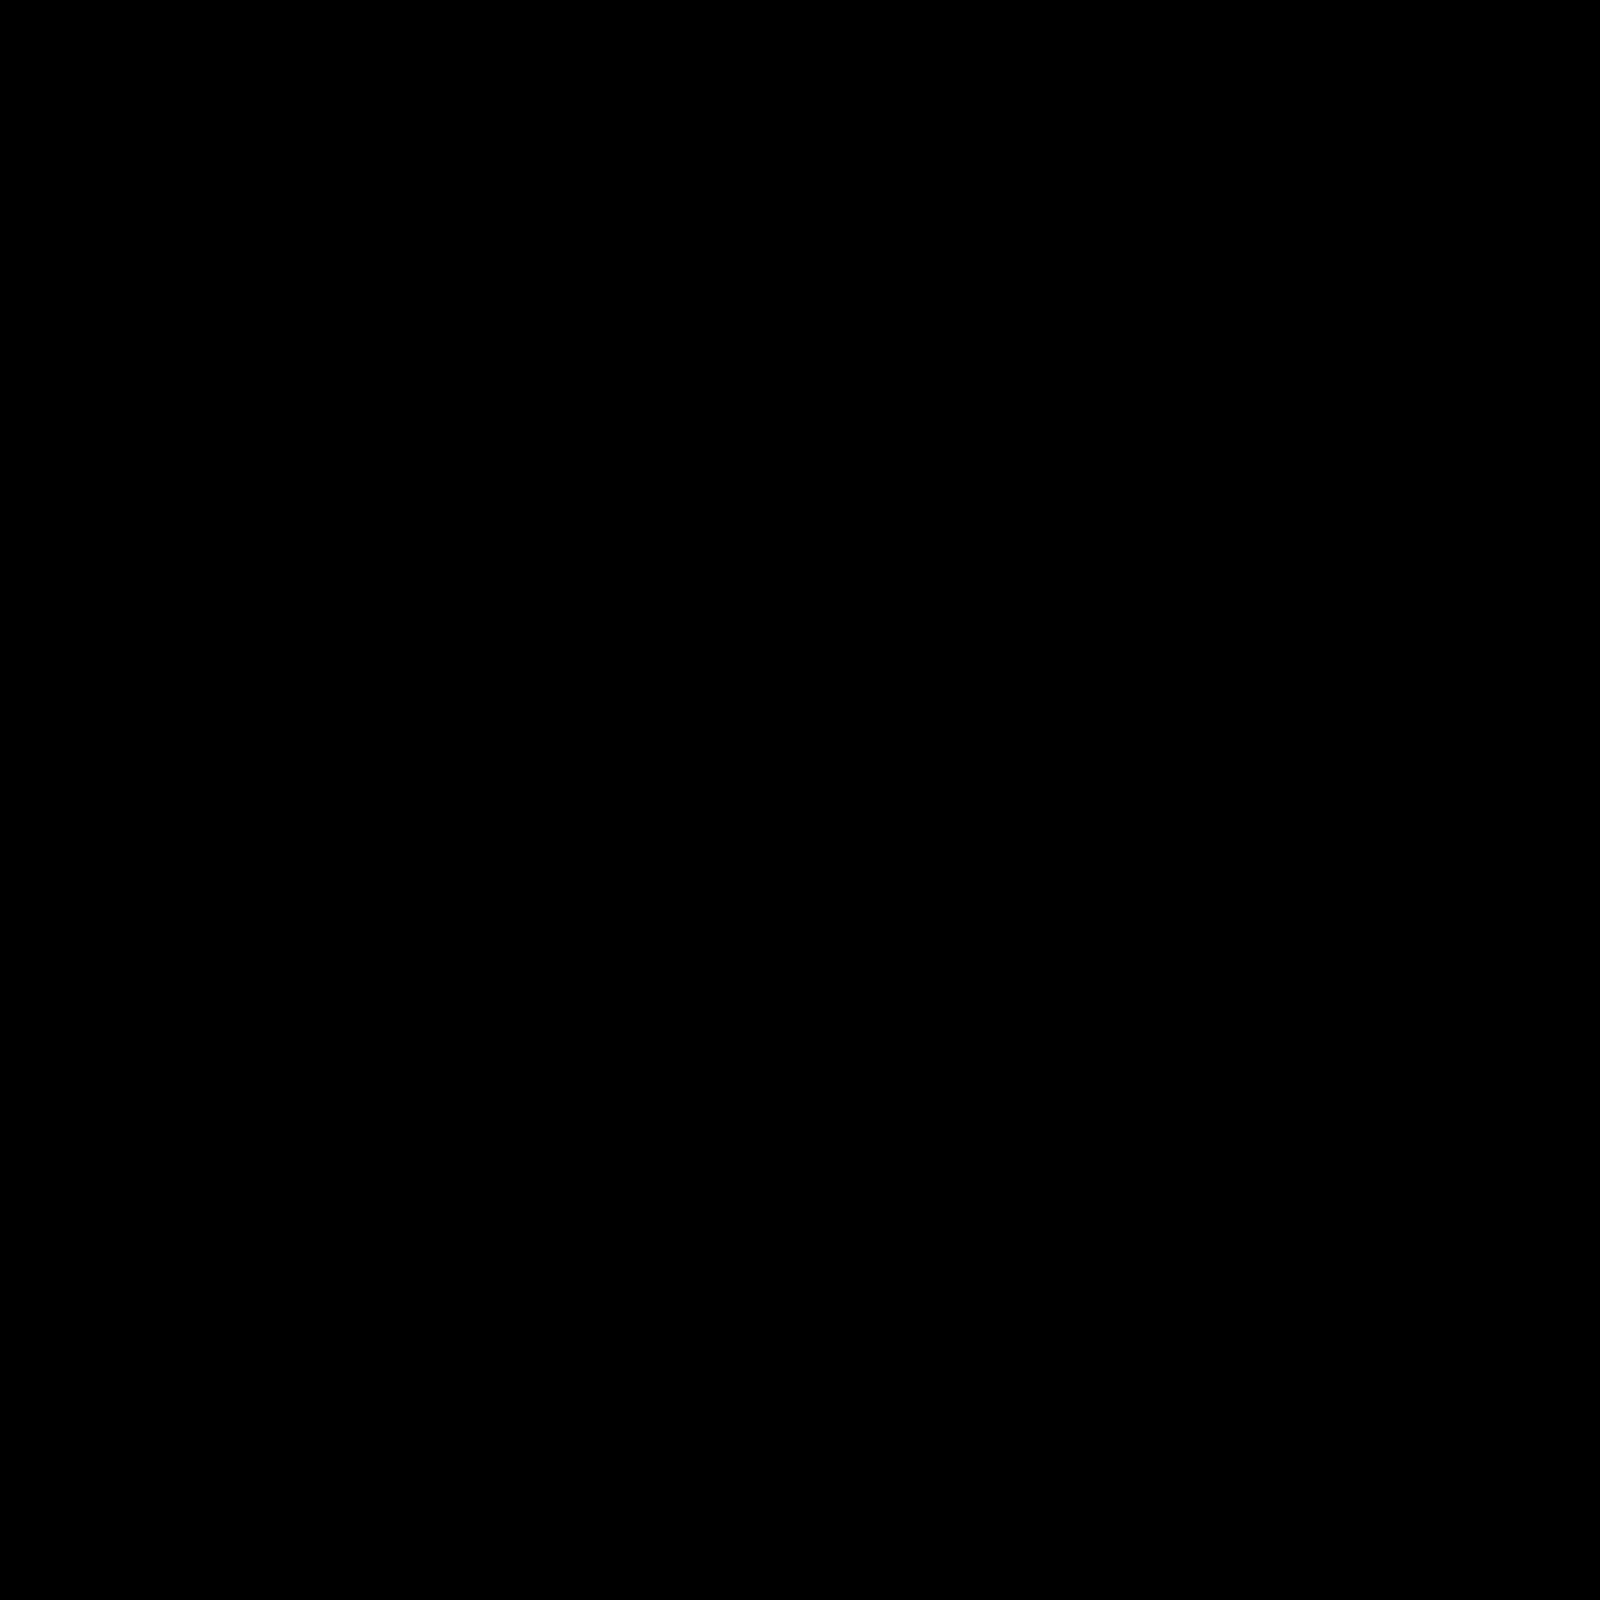 Plazmid icon